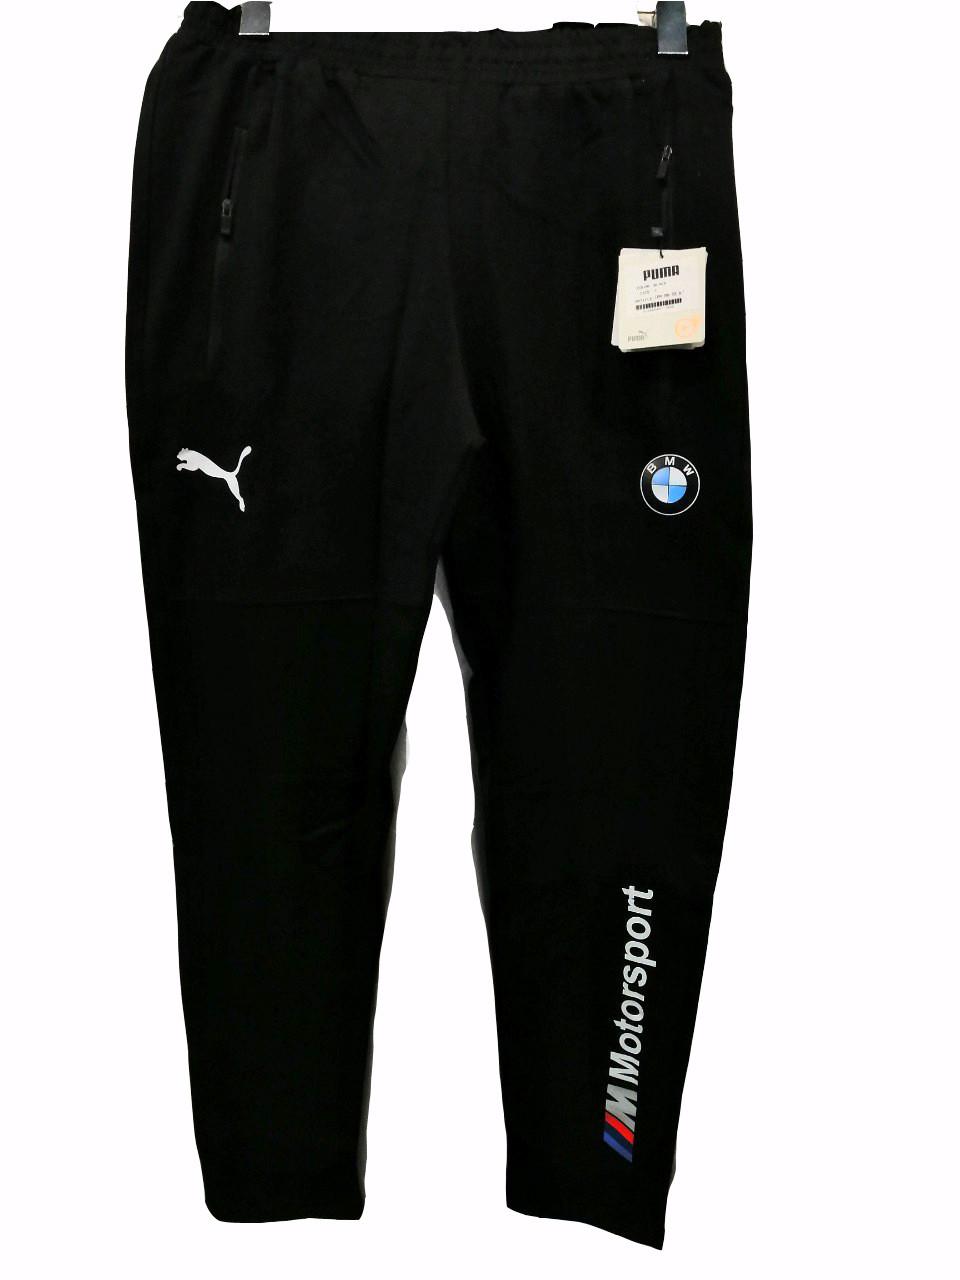 Мужские трикотажные брюки  BMW прямые спортивные штаны с эмблемой